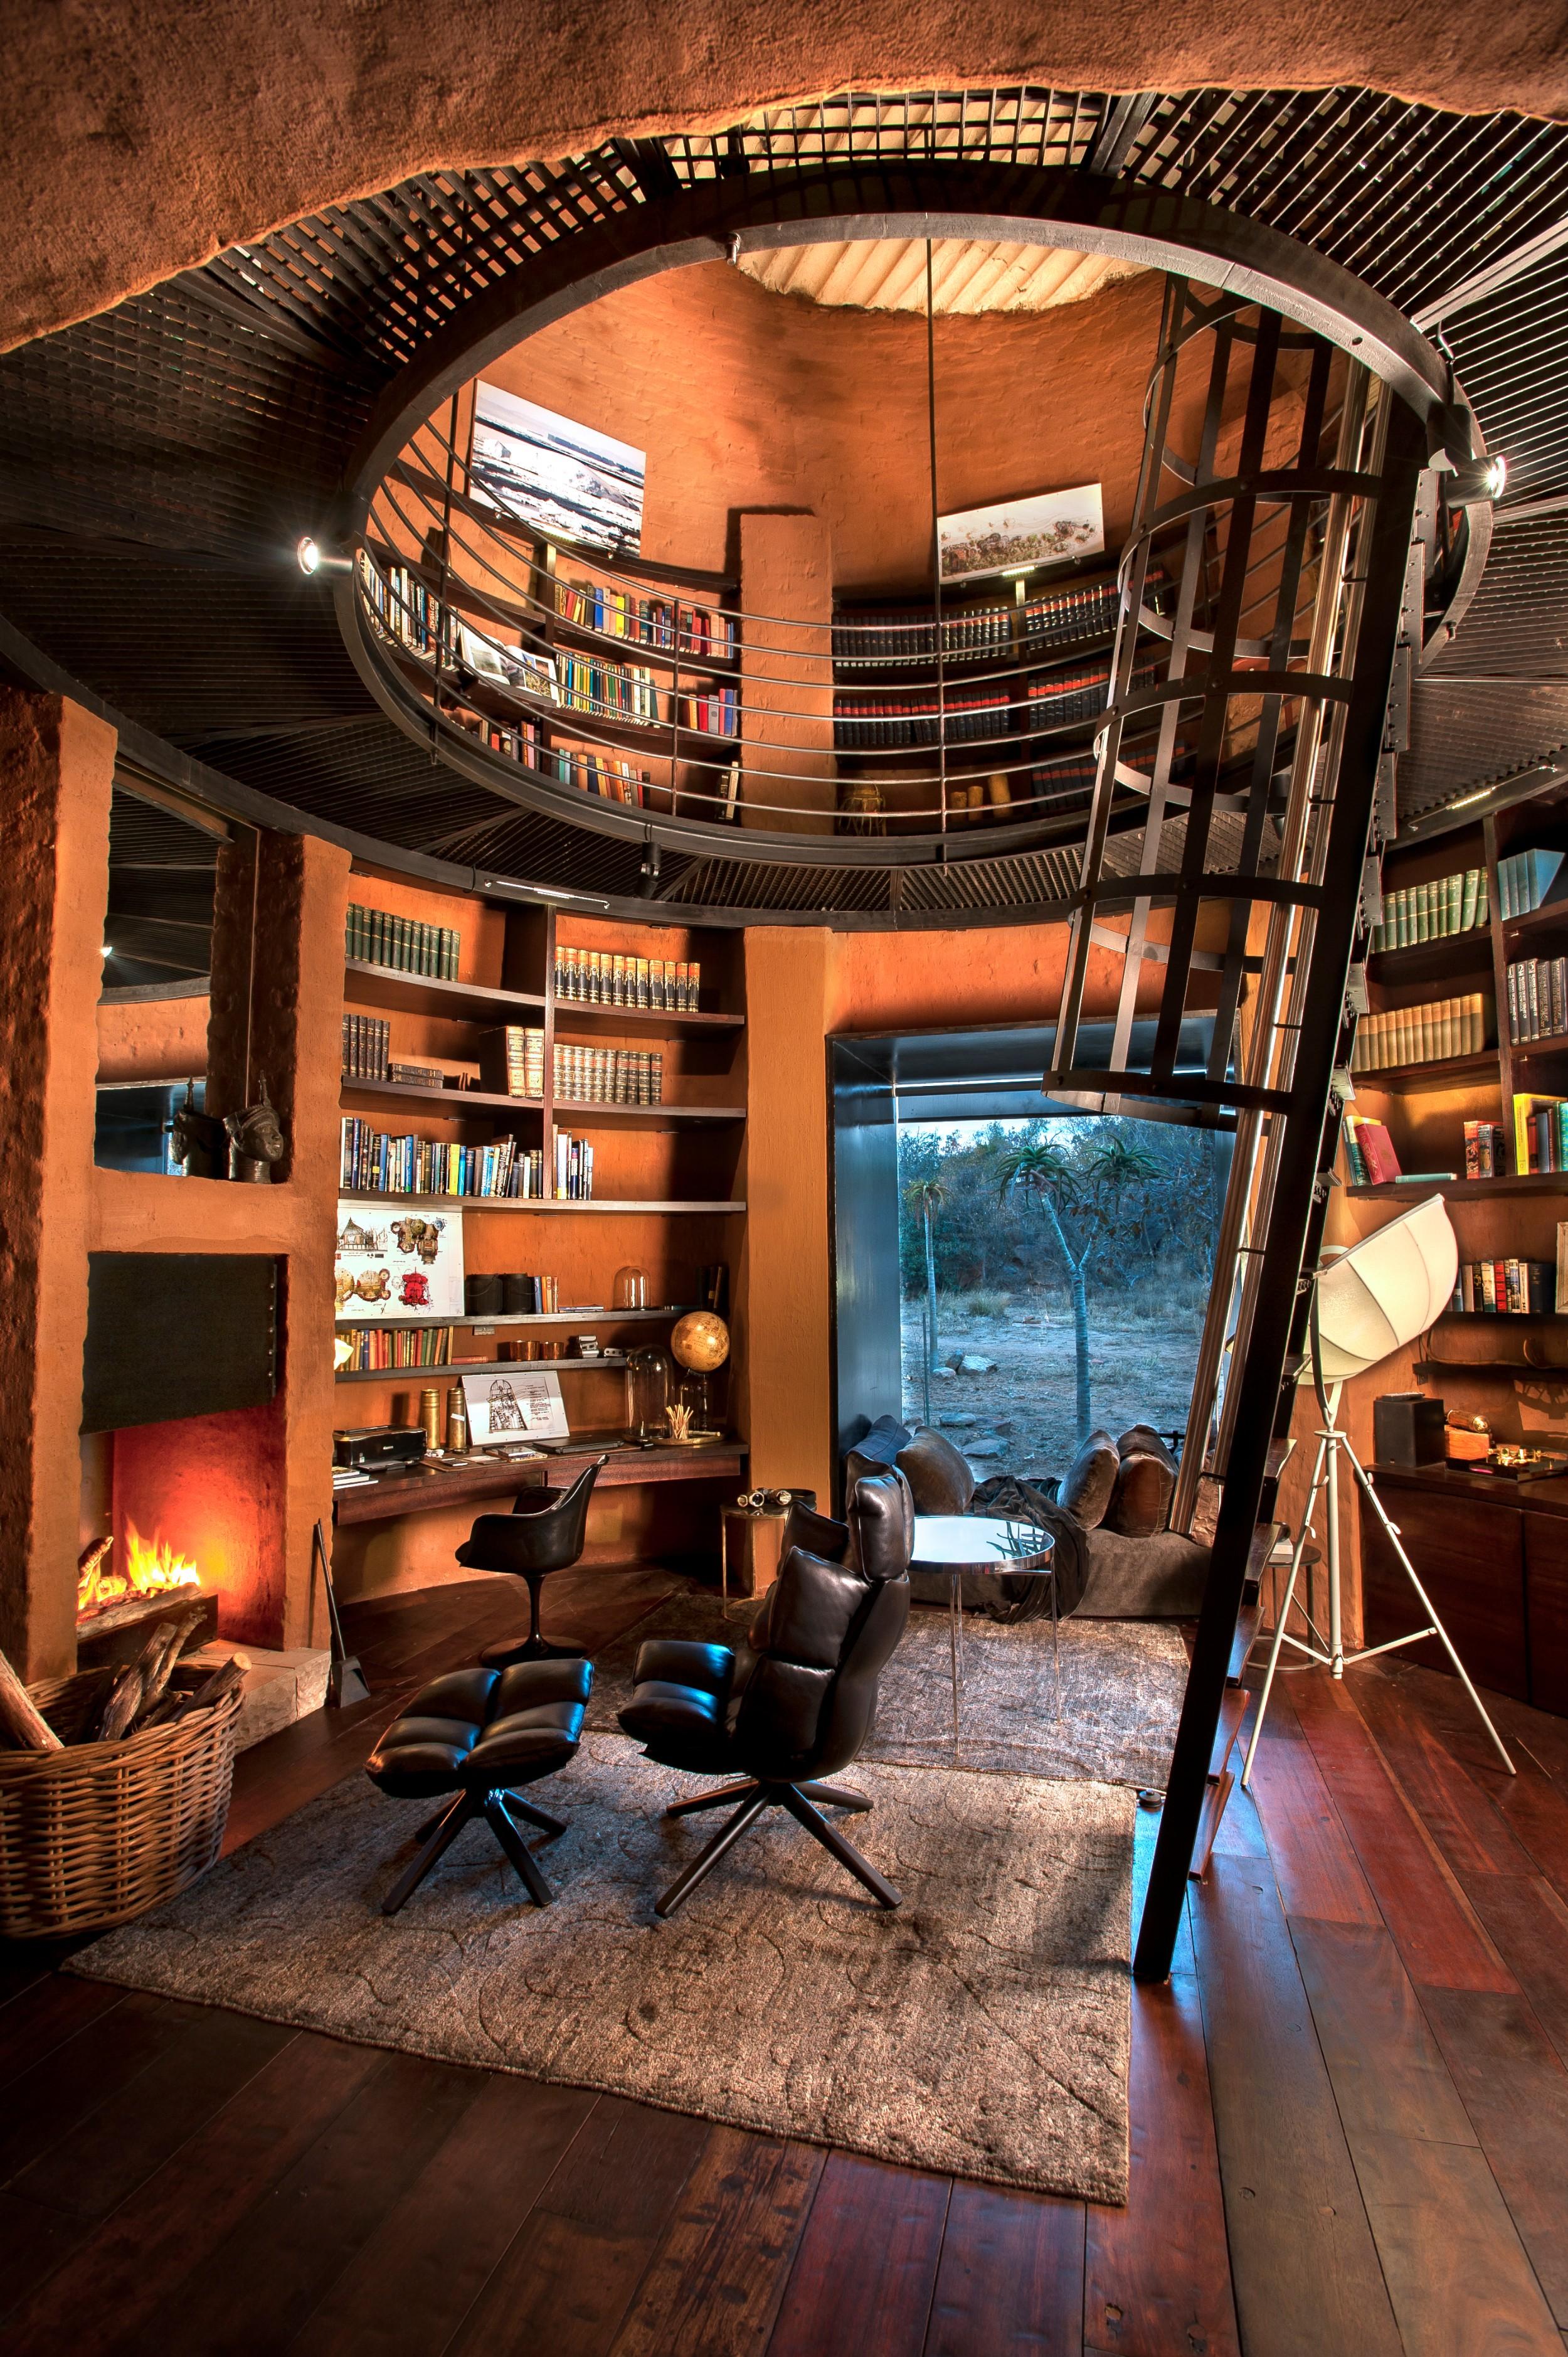 sweet library dook 01.jpg